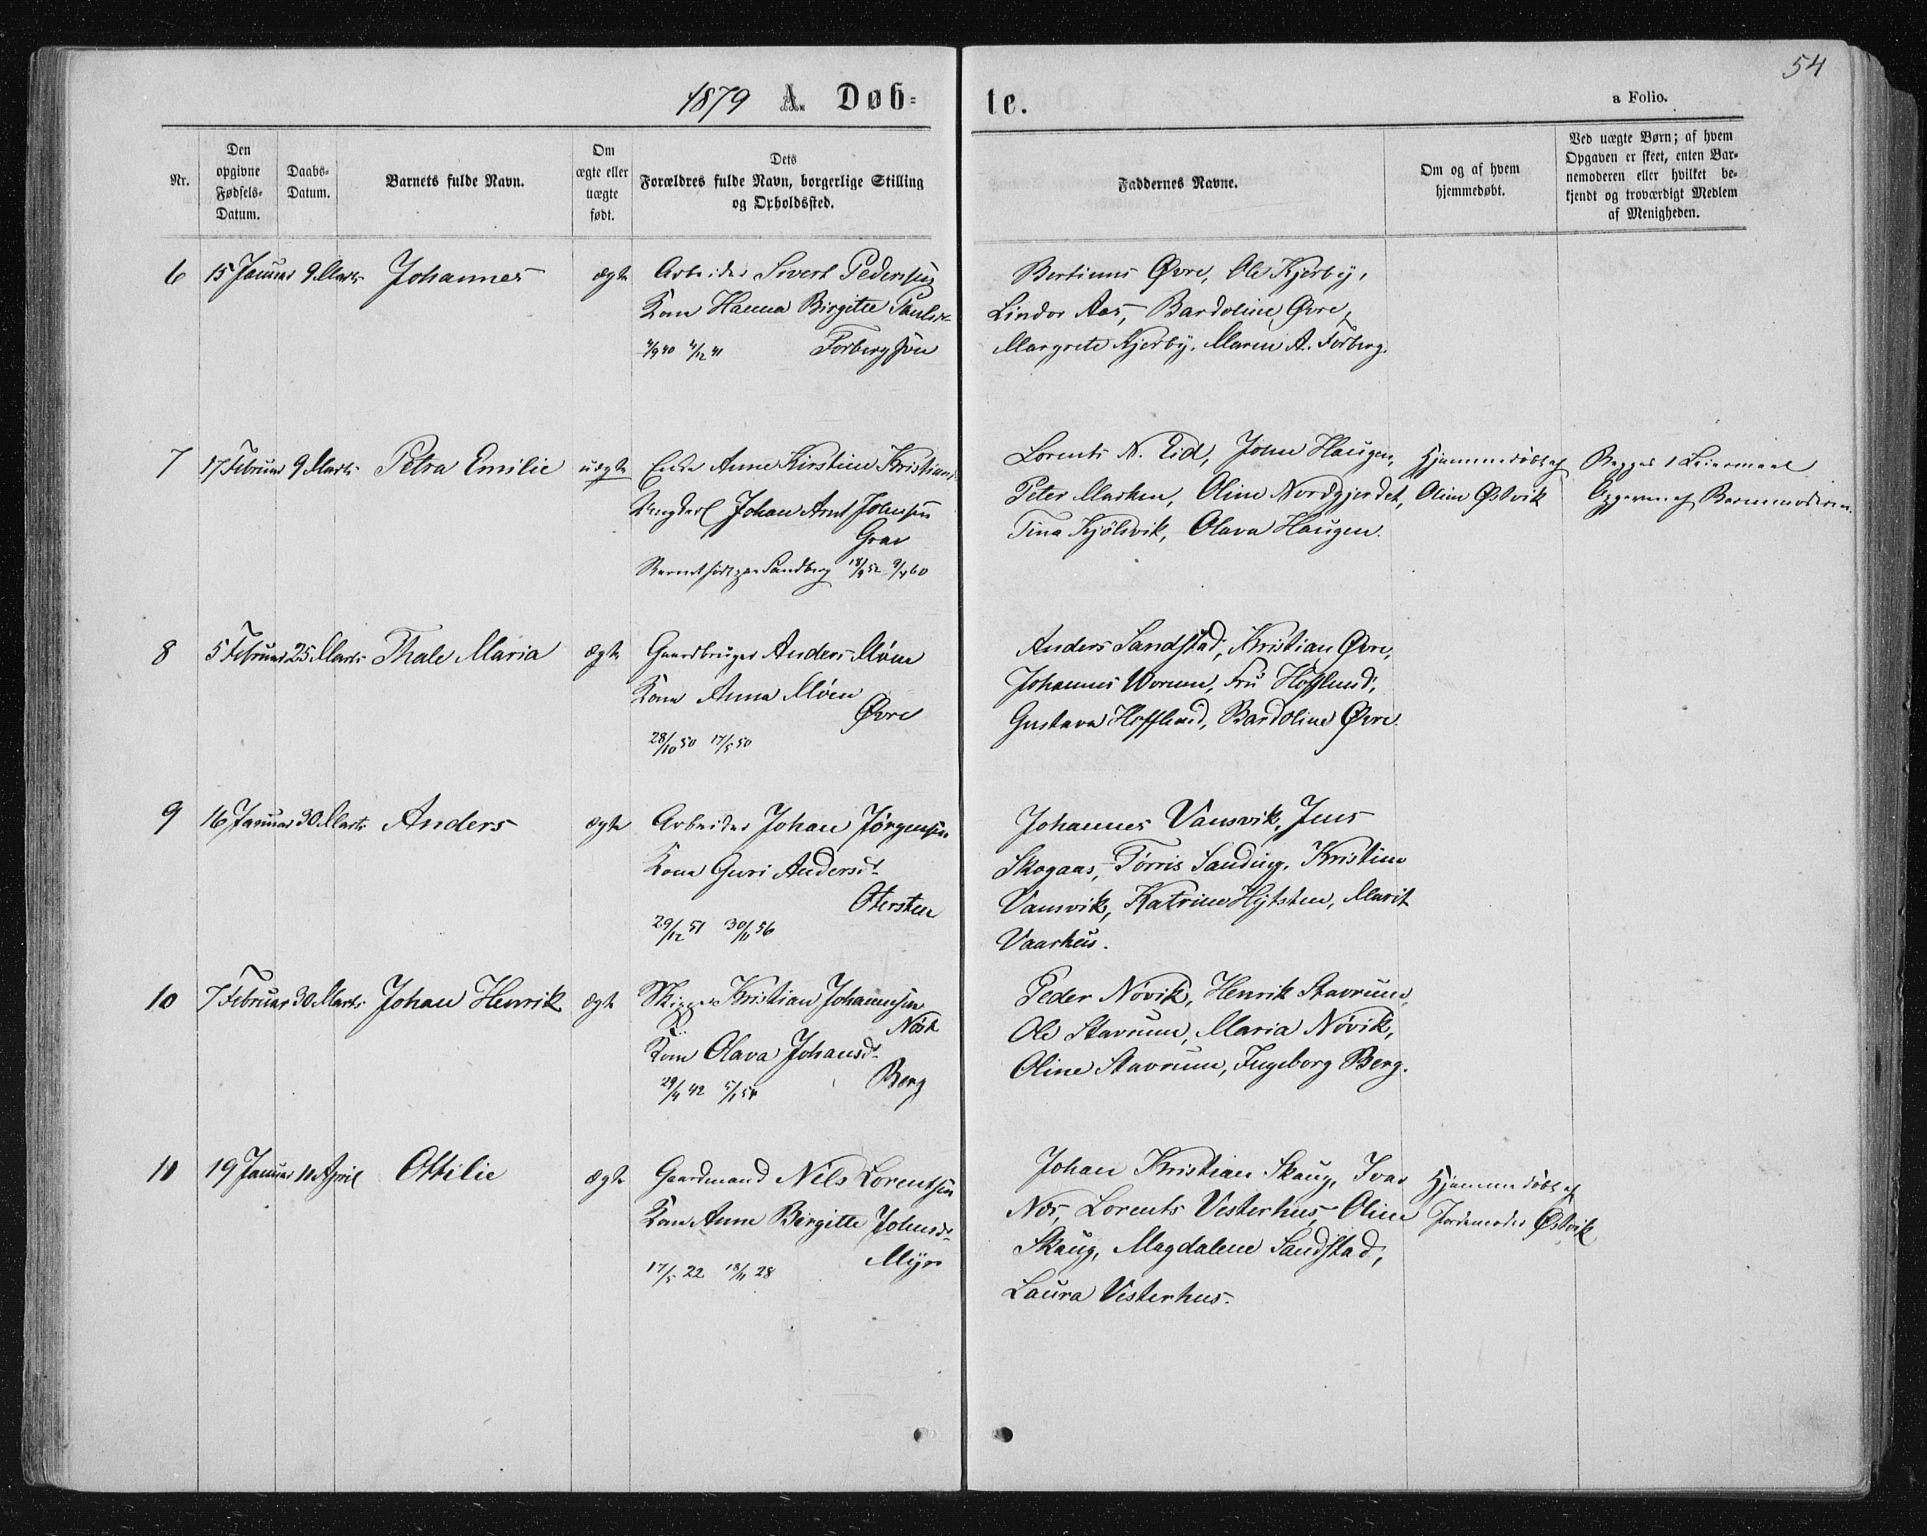 SAT, Ministerialprotokoller, klokkerbøker og fødselsregistre - Nord-Trøndelag, 722/L0219: Ministerialbok nr. 722A06, 1868-1880, s. 54